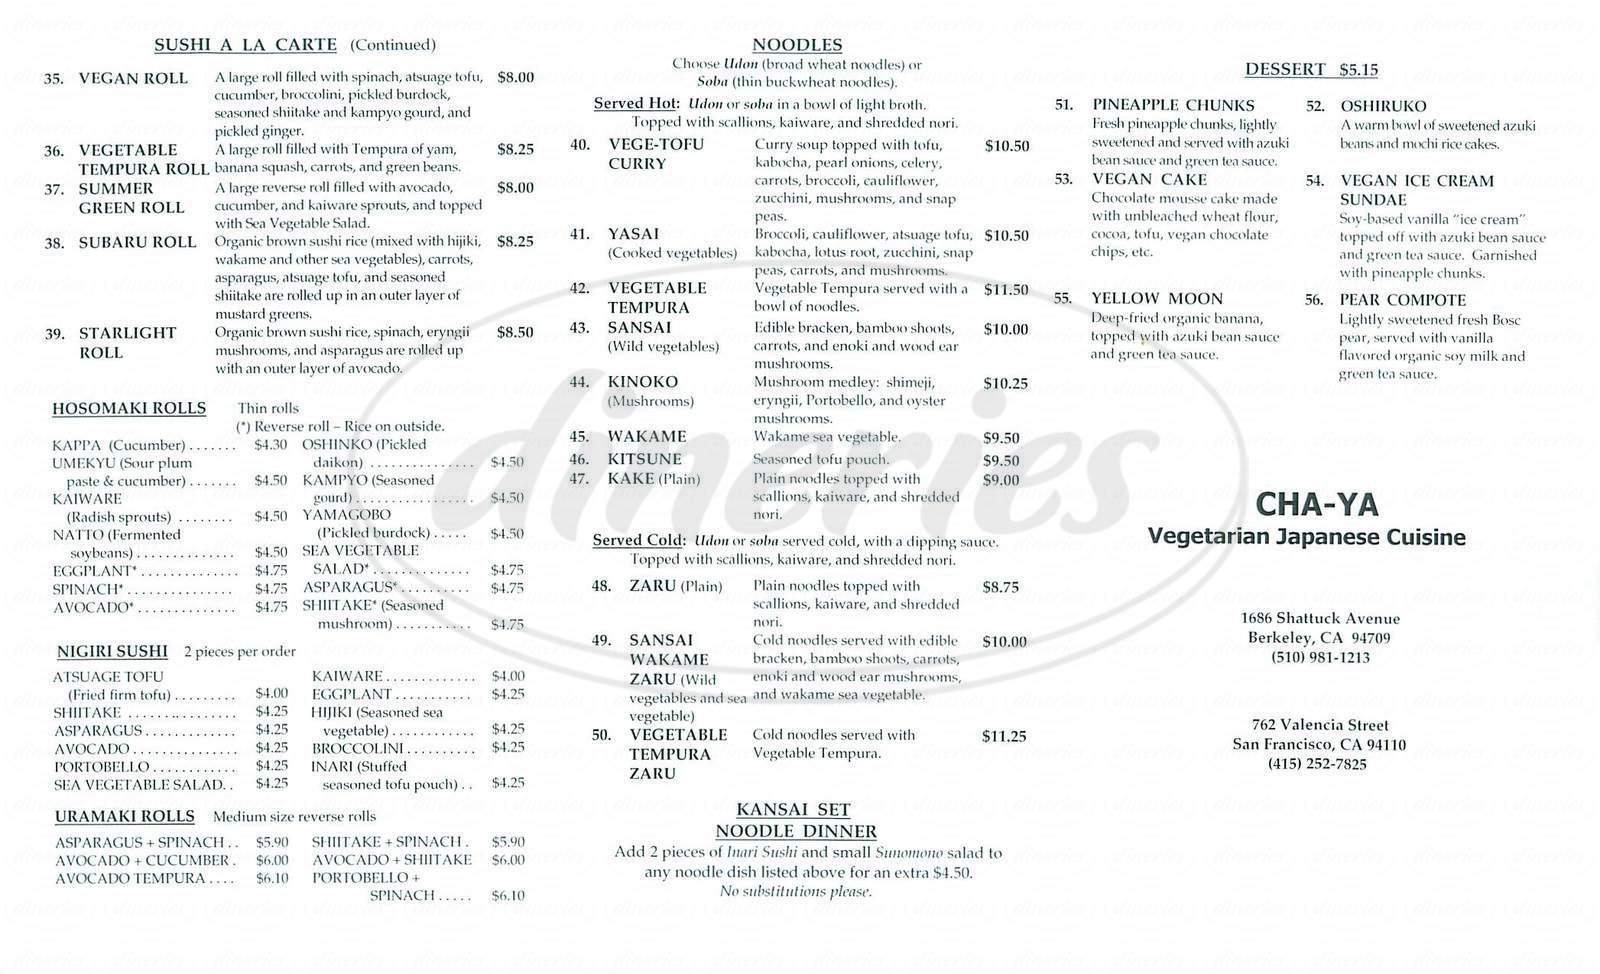 menu for Cha-Ya